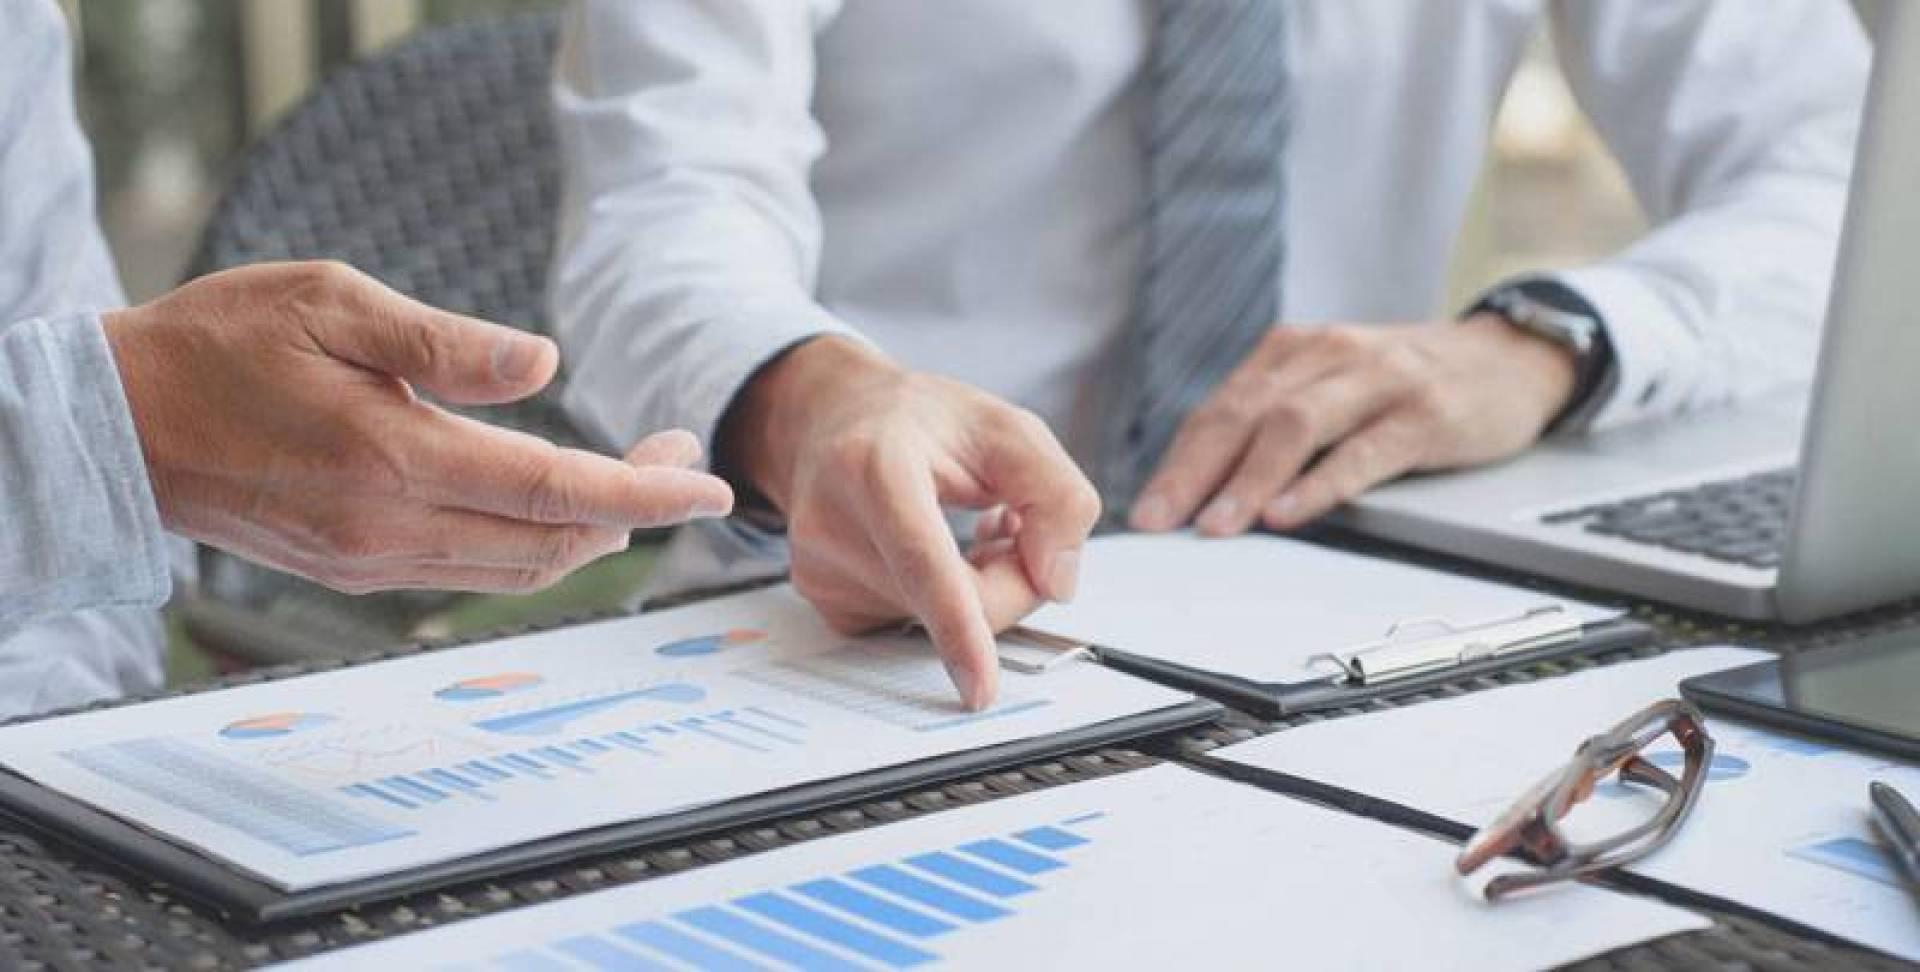 10 إستراتيجيات تساعد رائد الأعمال على إنقاذ شركته!